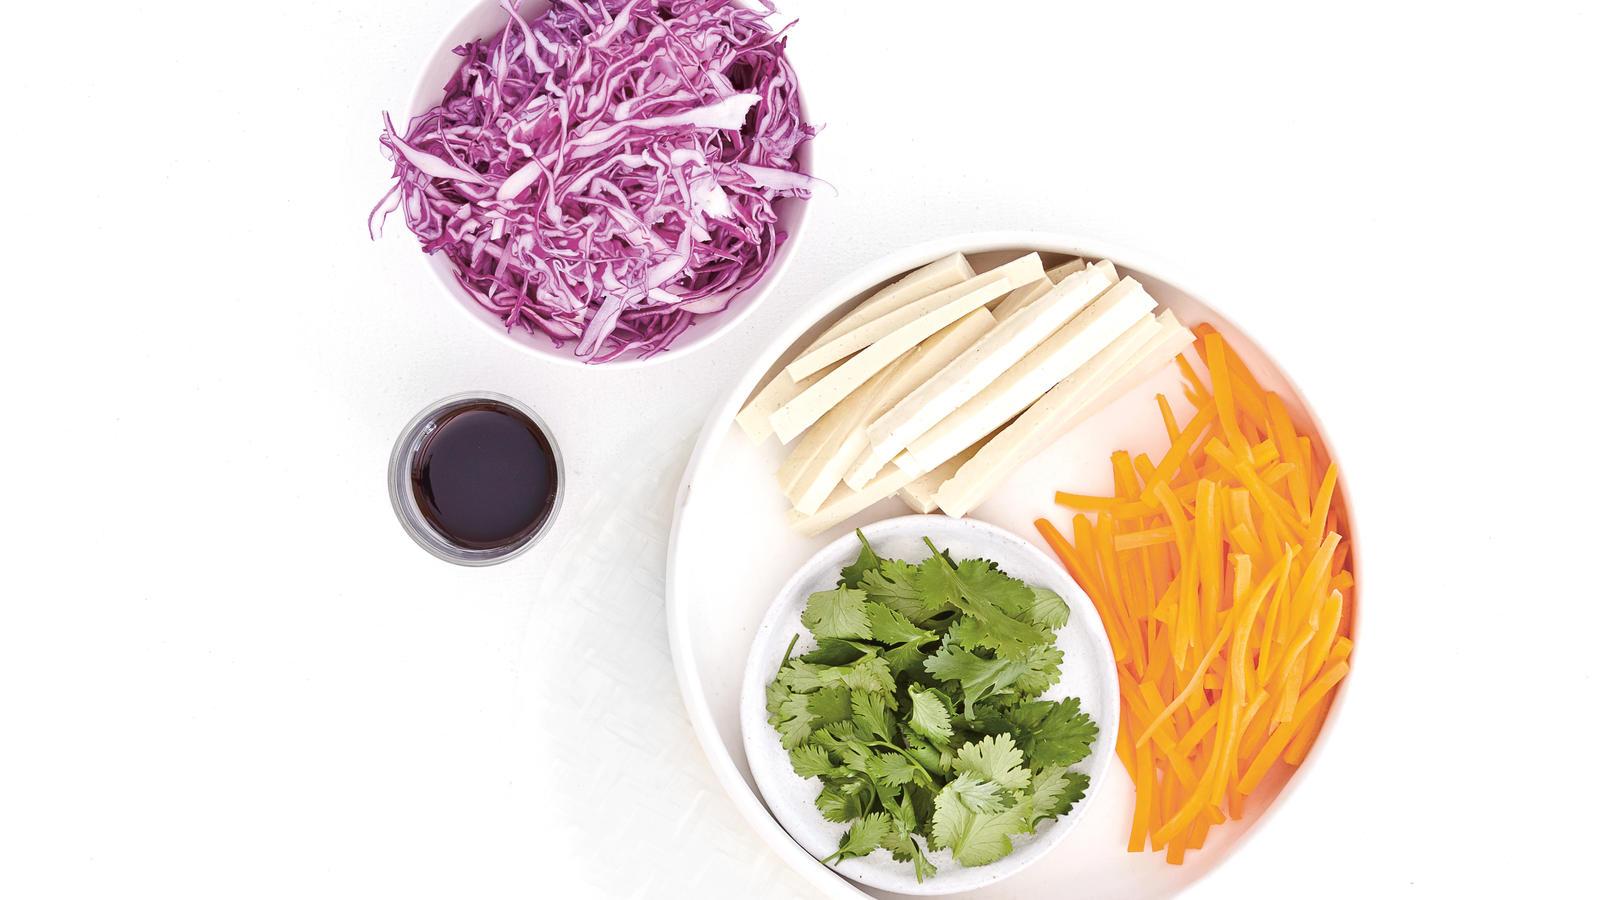 Nur 5 Zutaten plus Dip - fertig in 10 Minuten: die Regenbogen-Sommerrollen aus dem Tofu-Kochbuch von Amelia Wasiliev